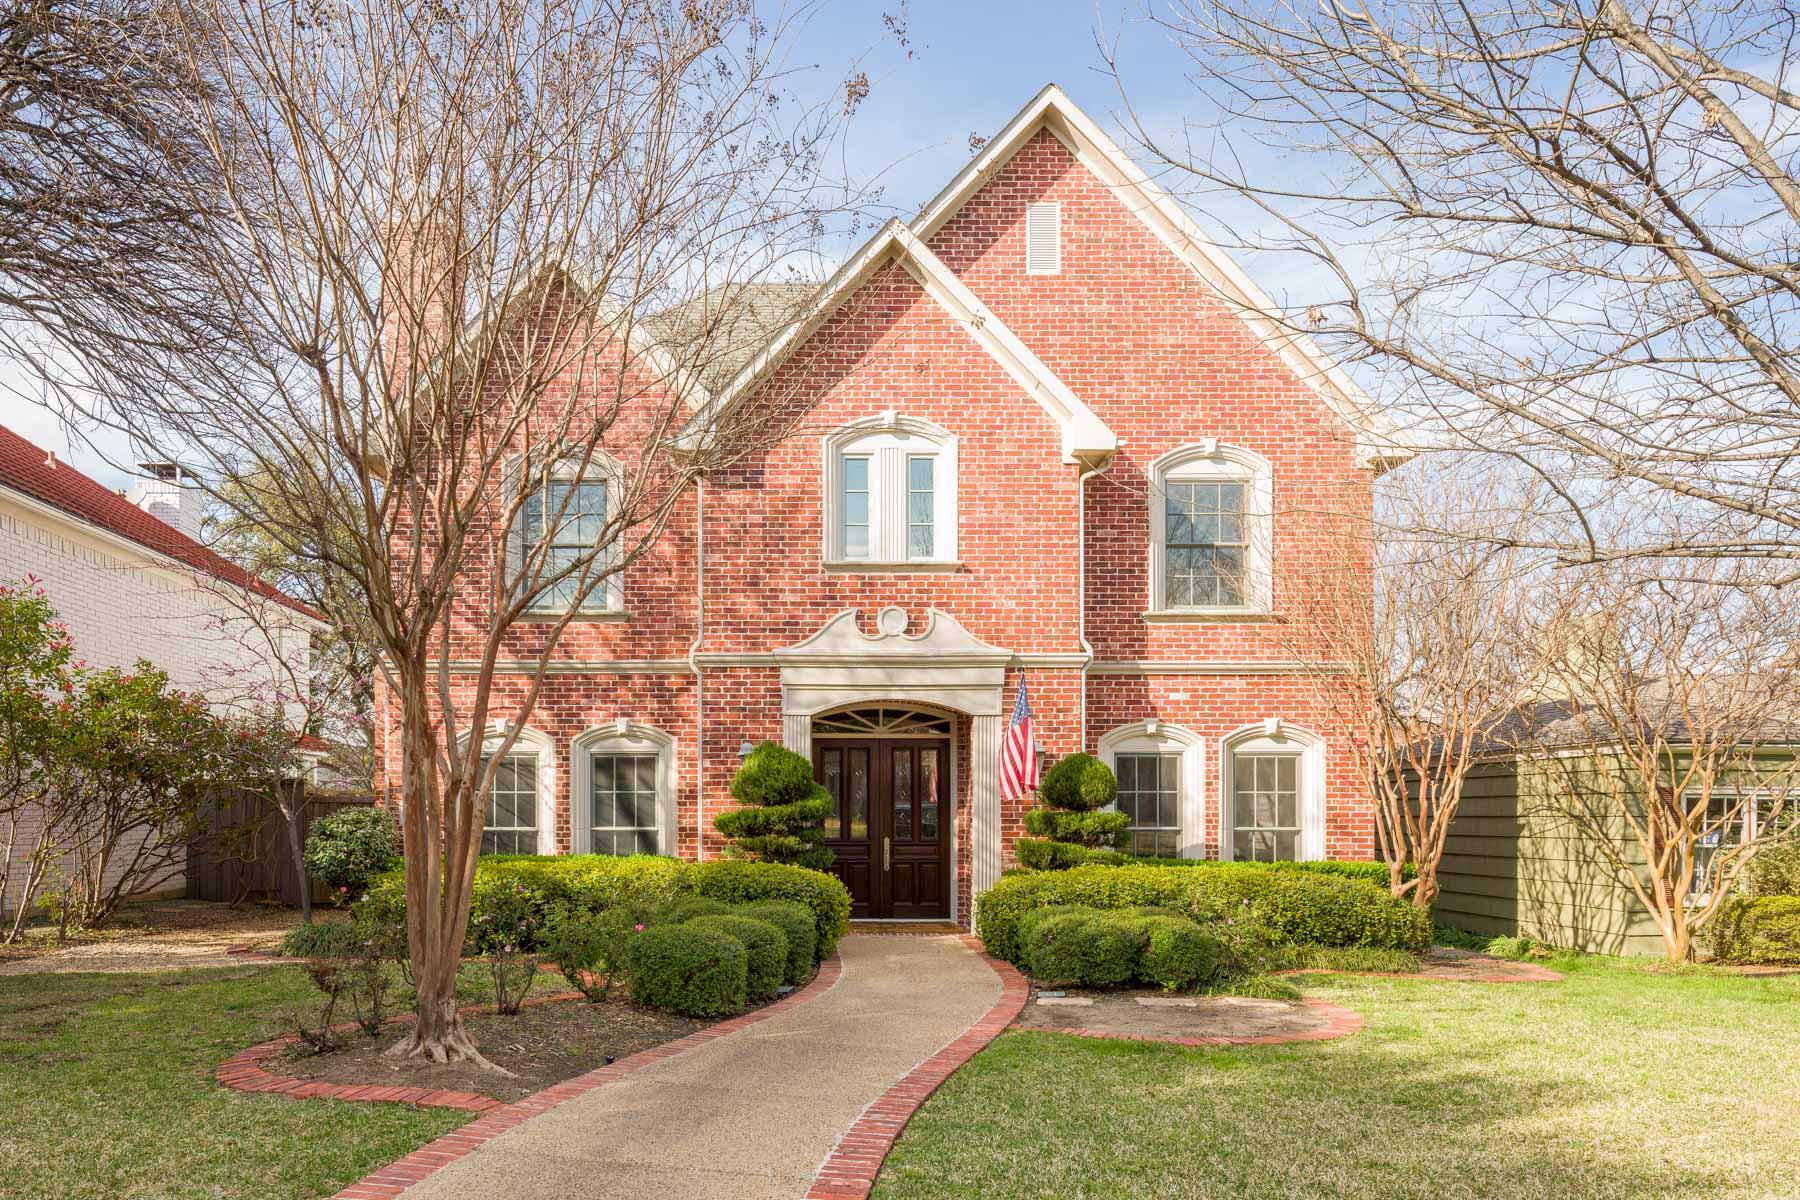 단독 가정 주택 용 매매 에 University Park Traditional 3020 Westminster Ave Dallas, 텍사스, 75205 미국